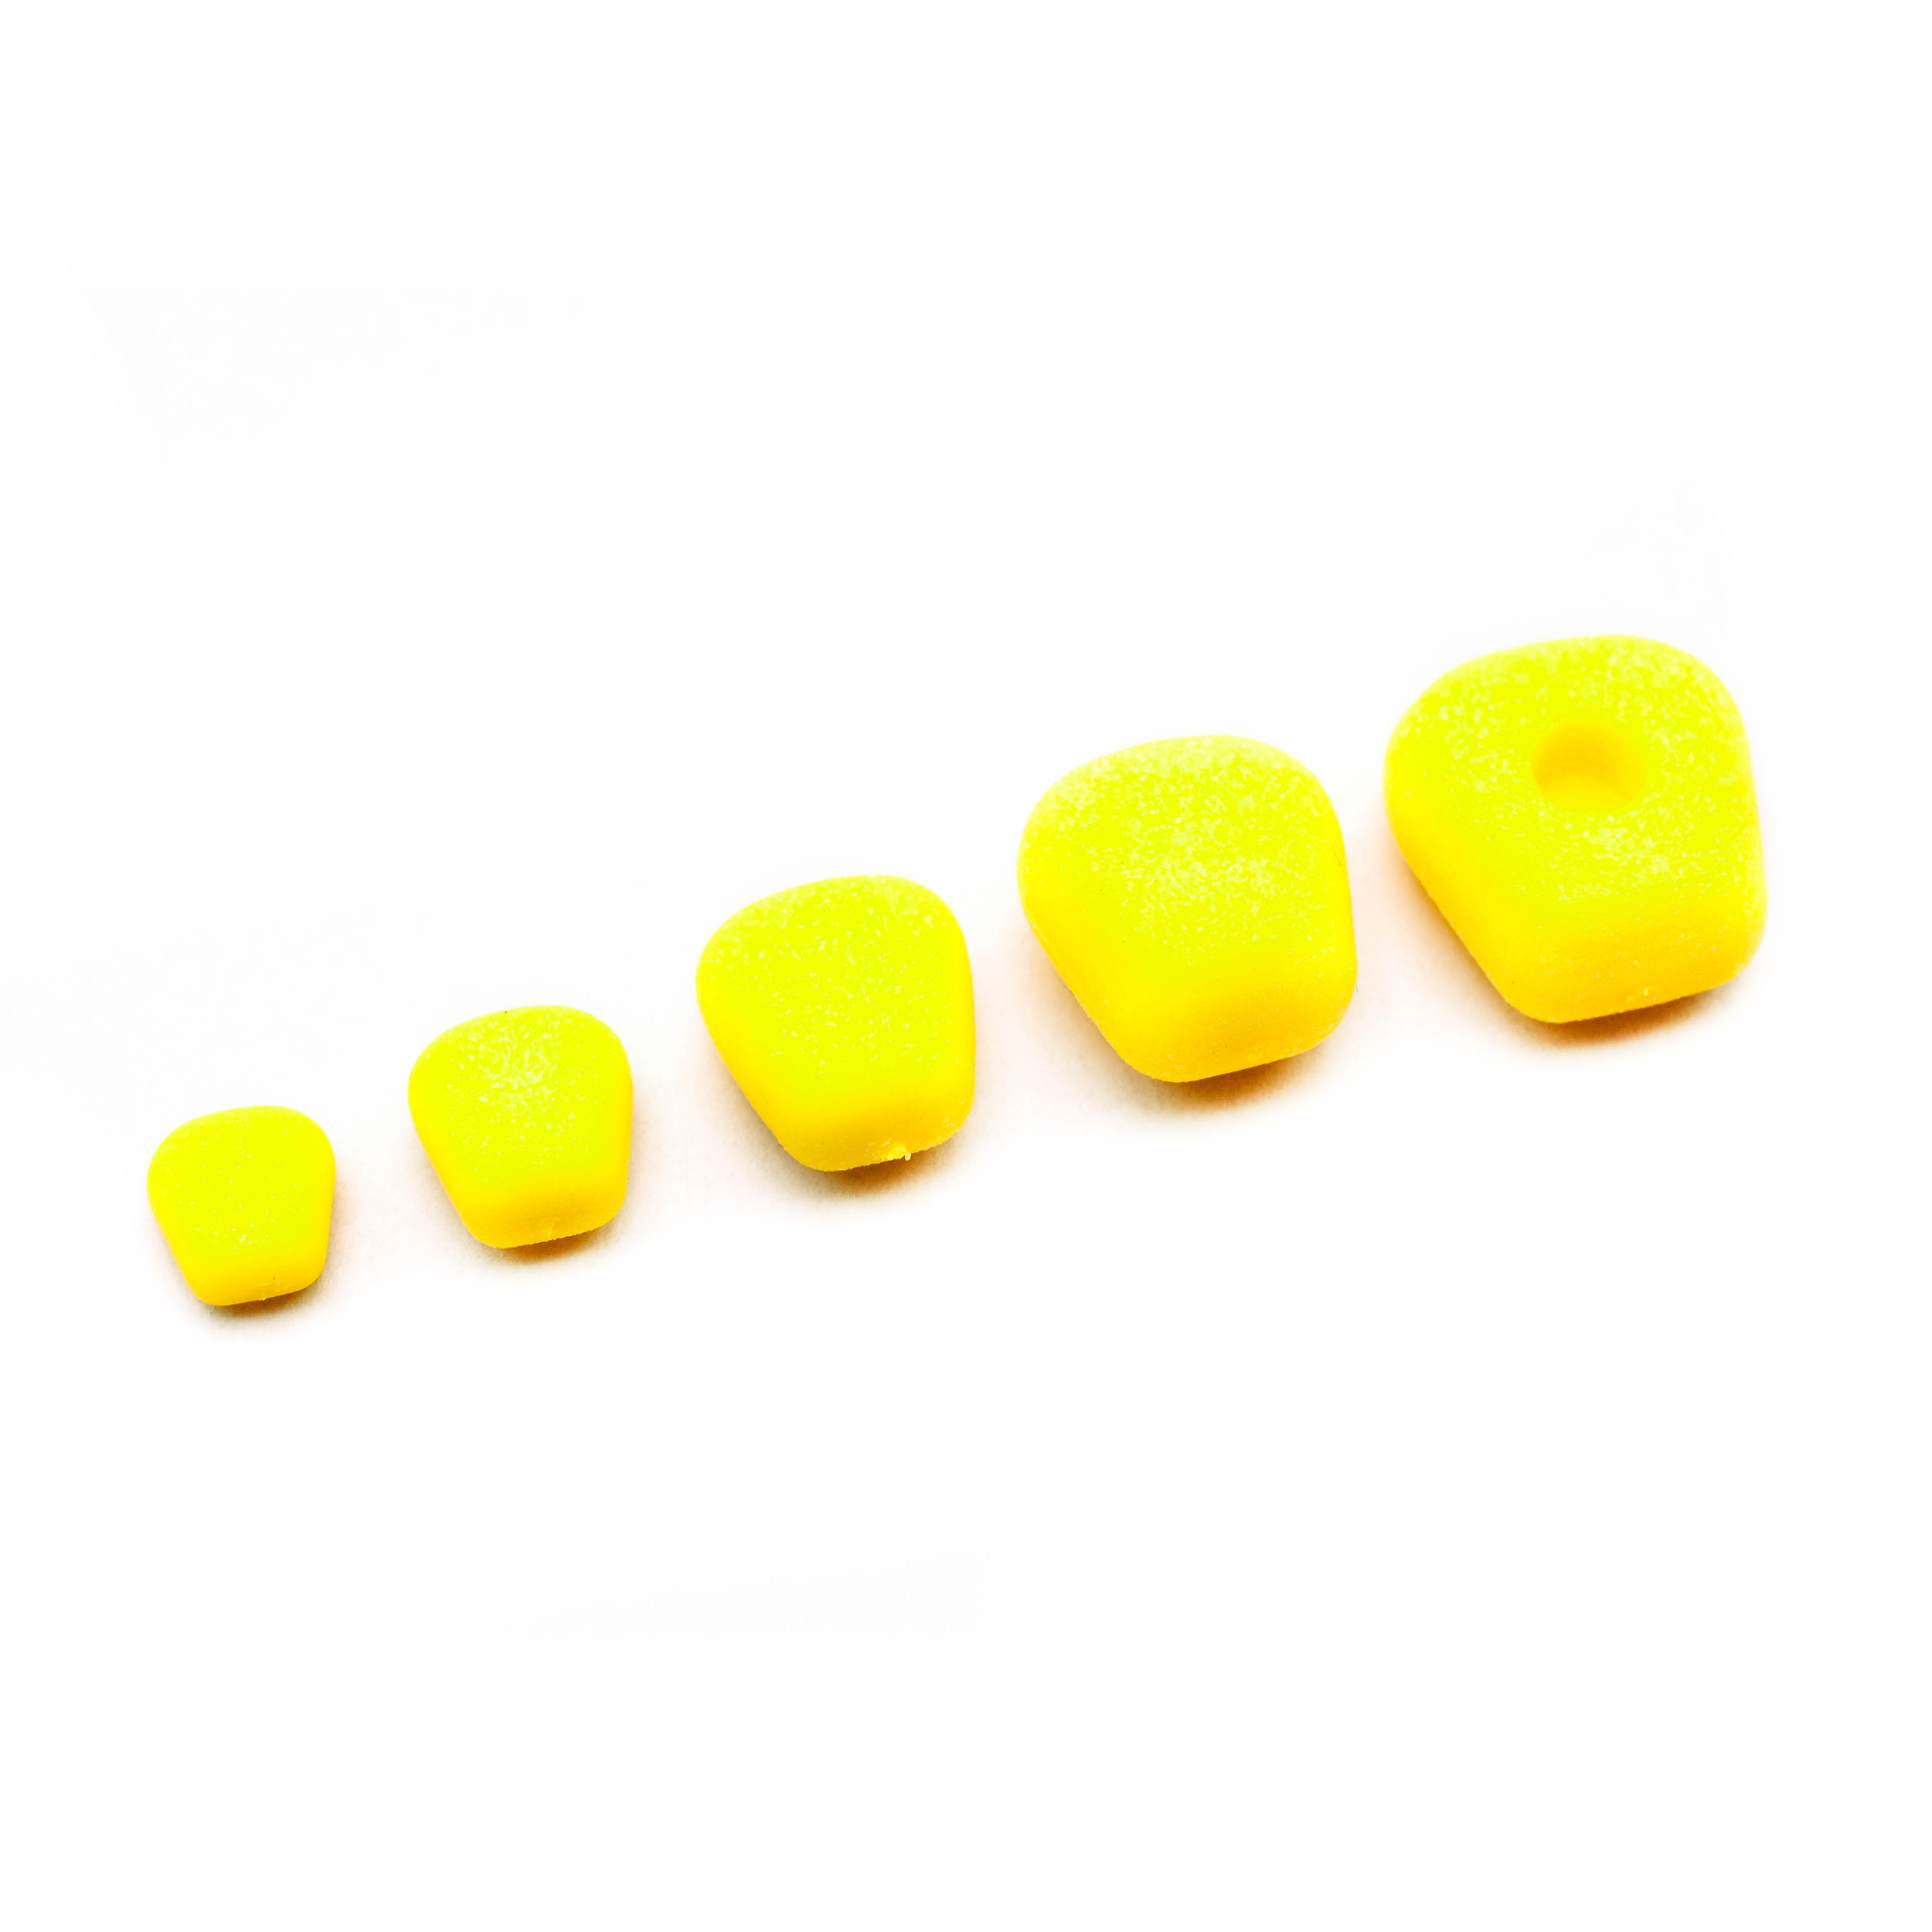 Enterprise kukuřice - MINI plovoucí žlutá 10ks